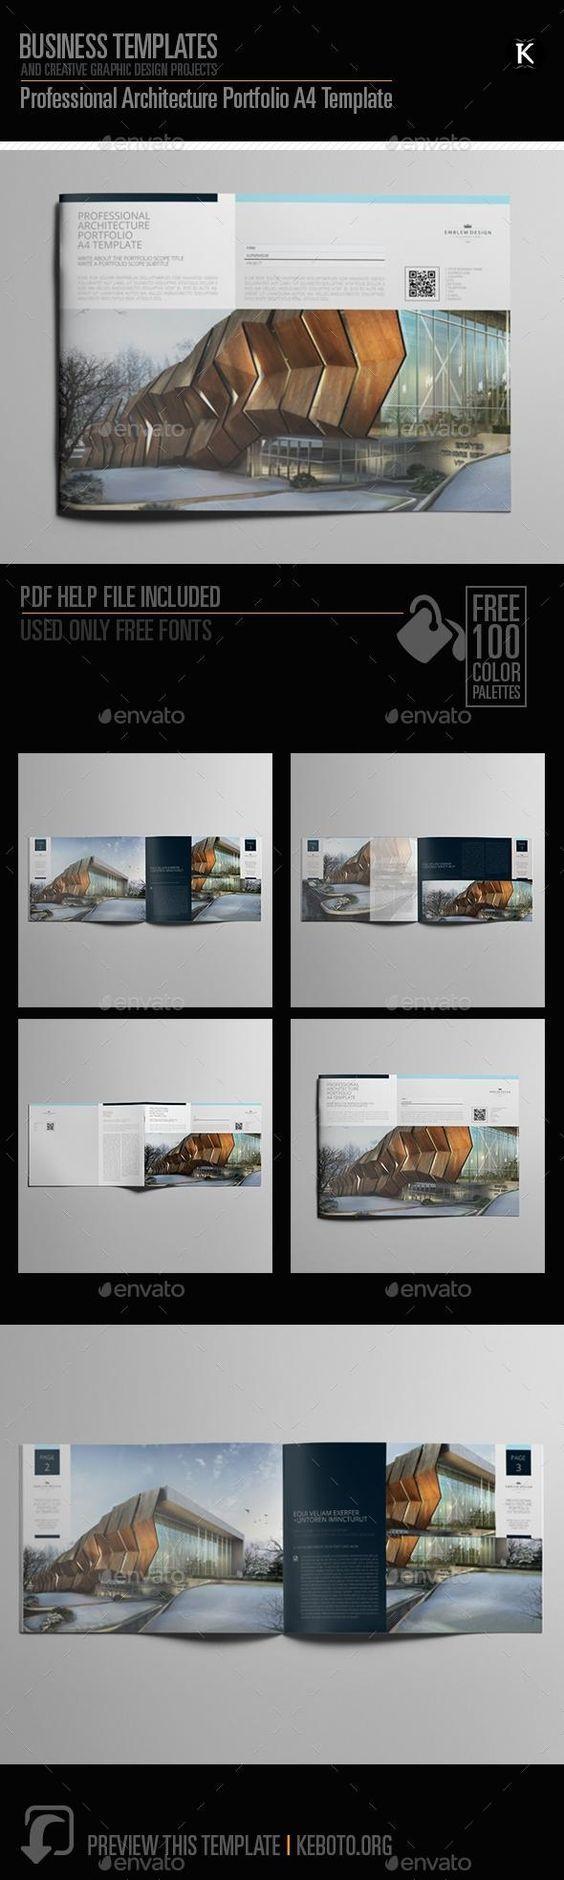 Professional Architecture Portfolio A20 Template   Architecture ...